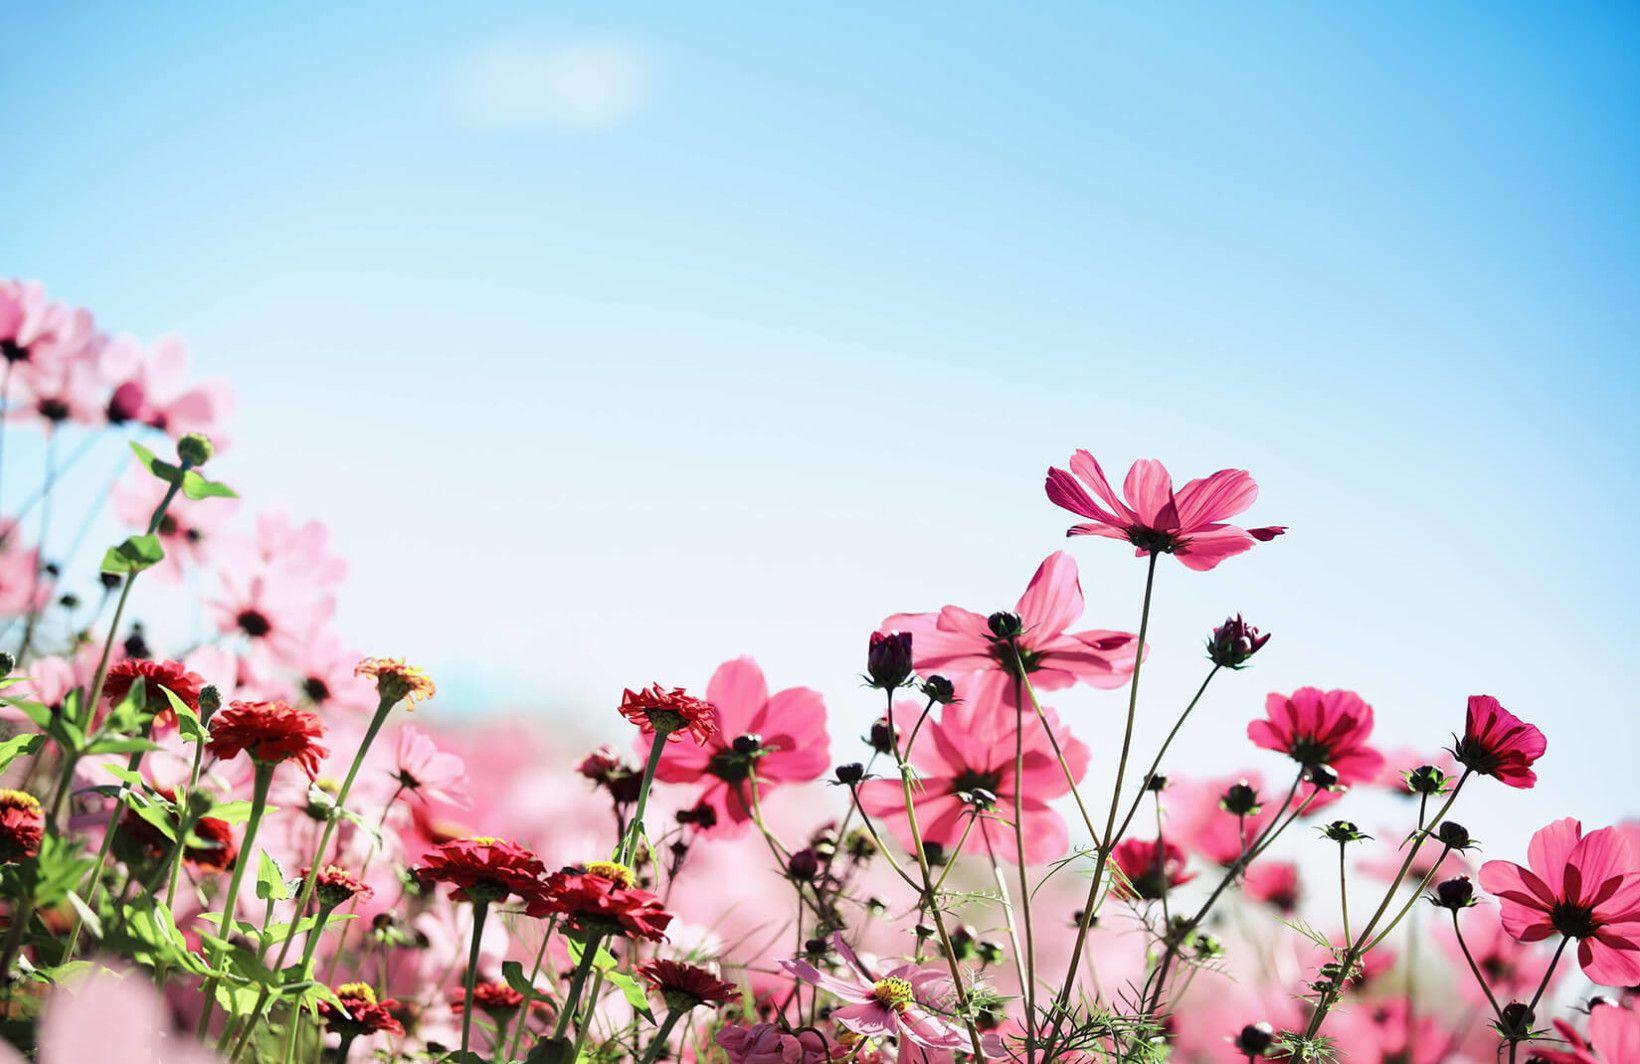 Sunlit Pink Blossom Wallpaper Mural Flower wallpaper